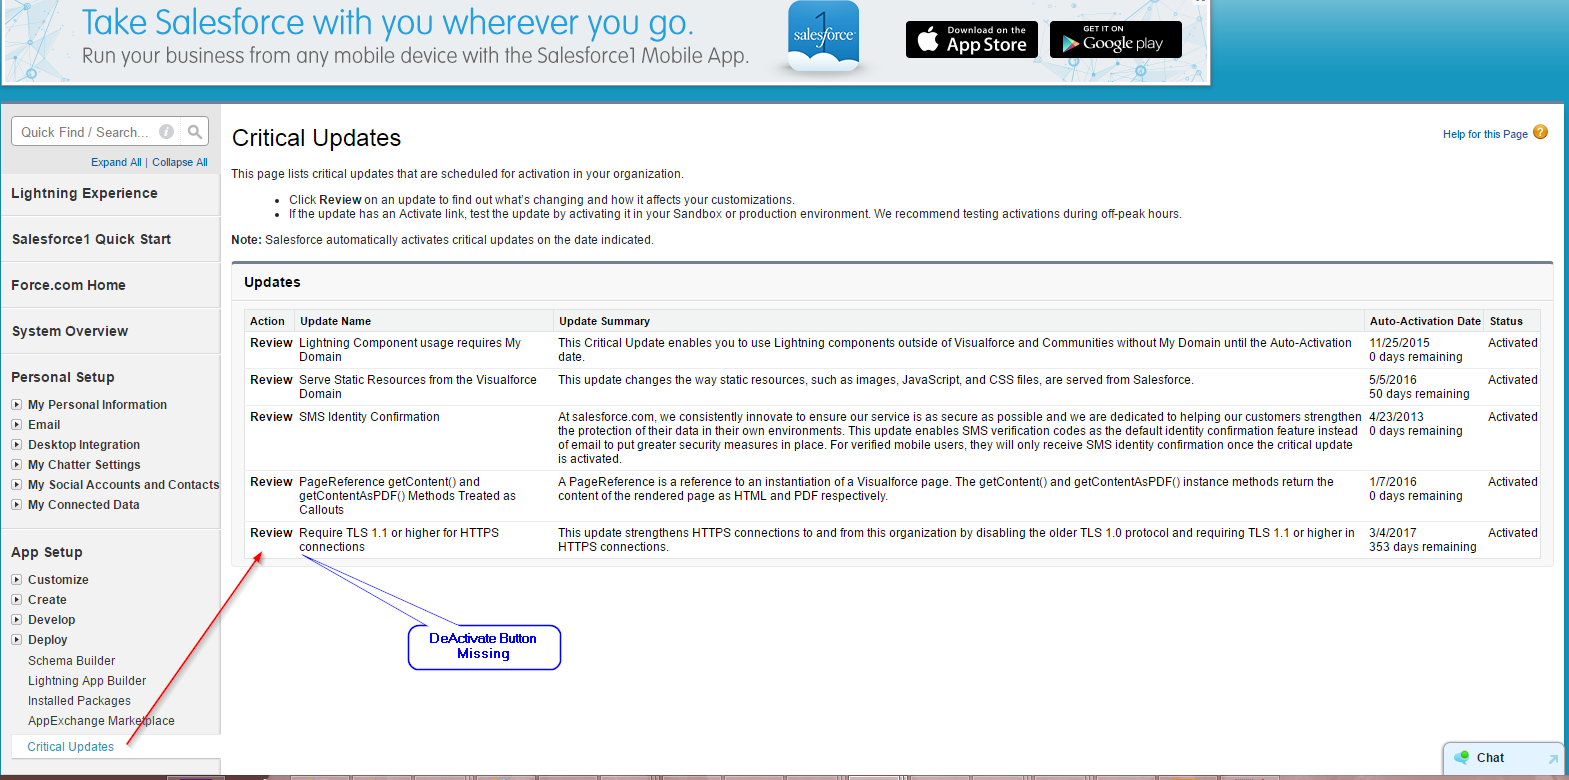 unknown exception: Destination URL not reset  The URL